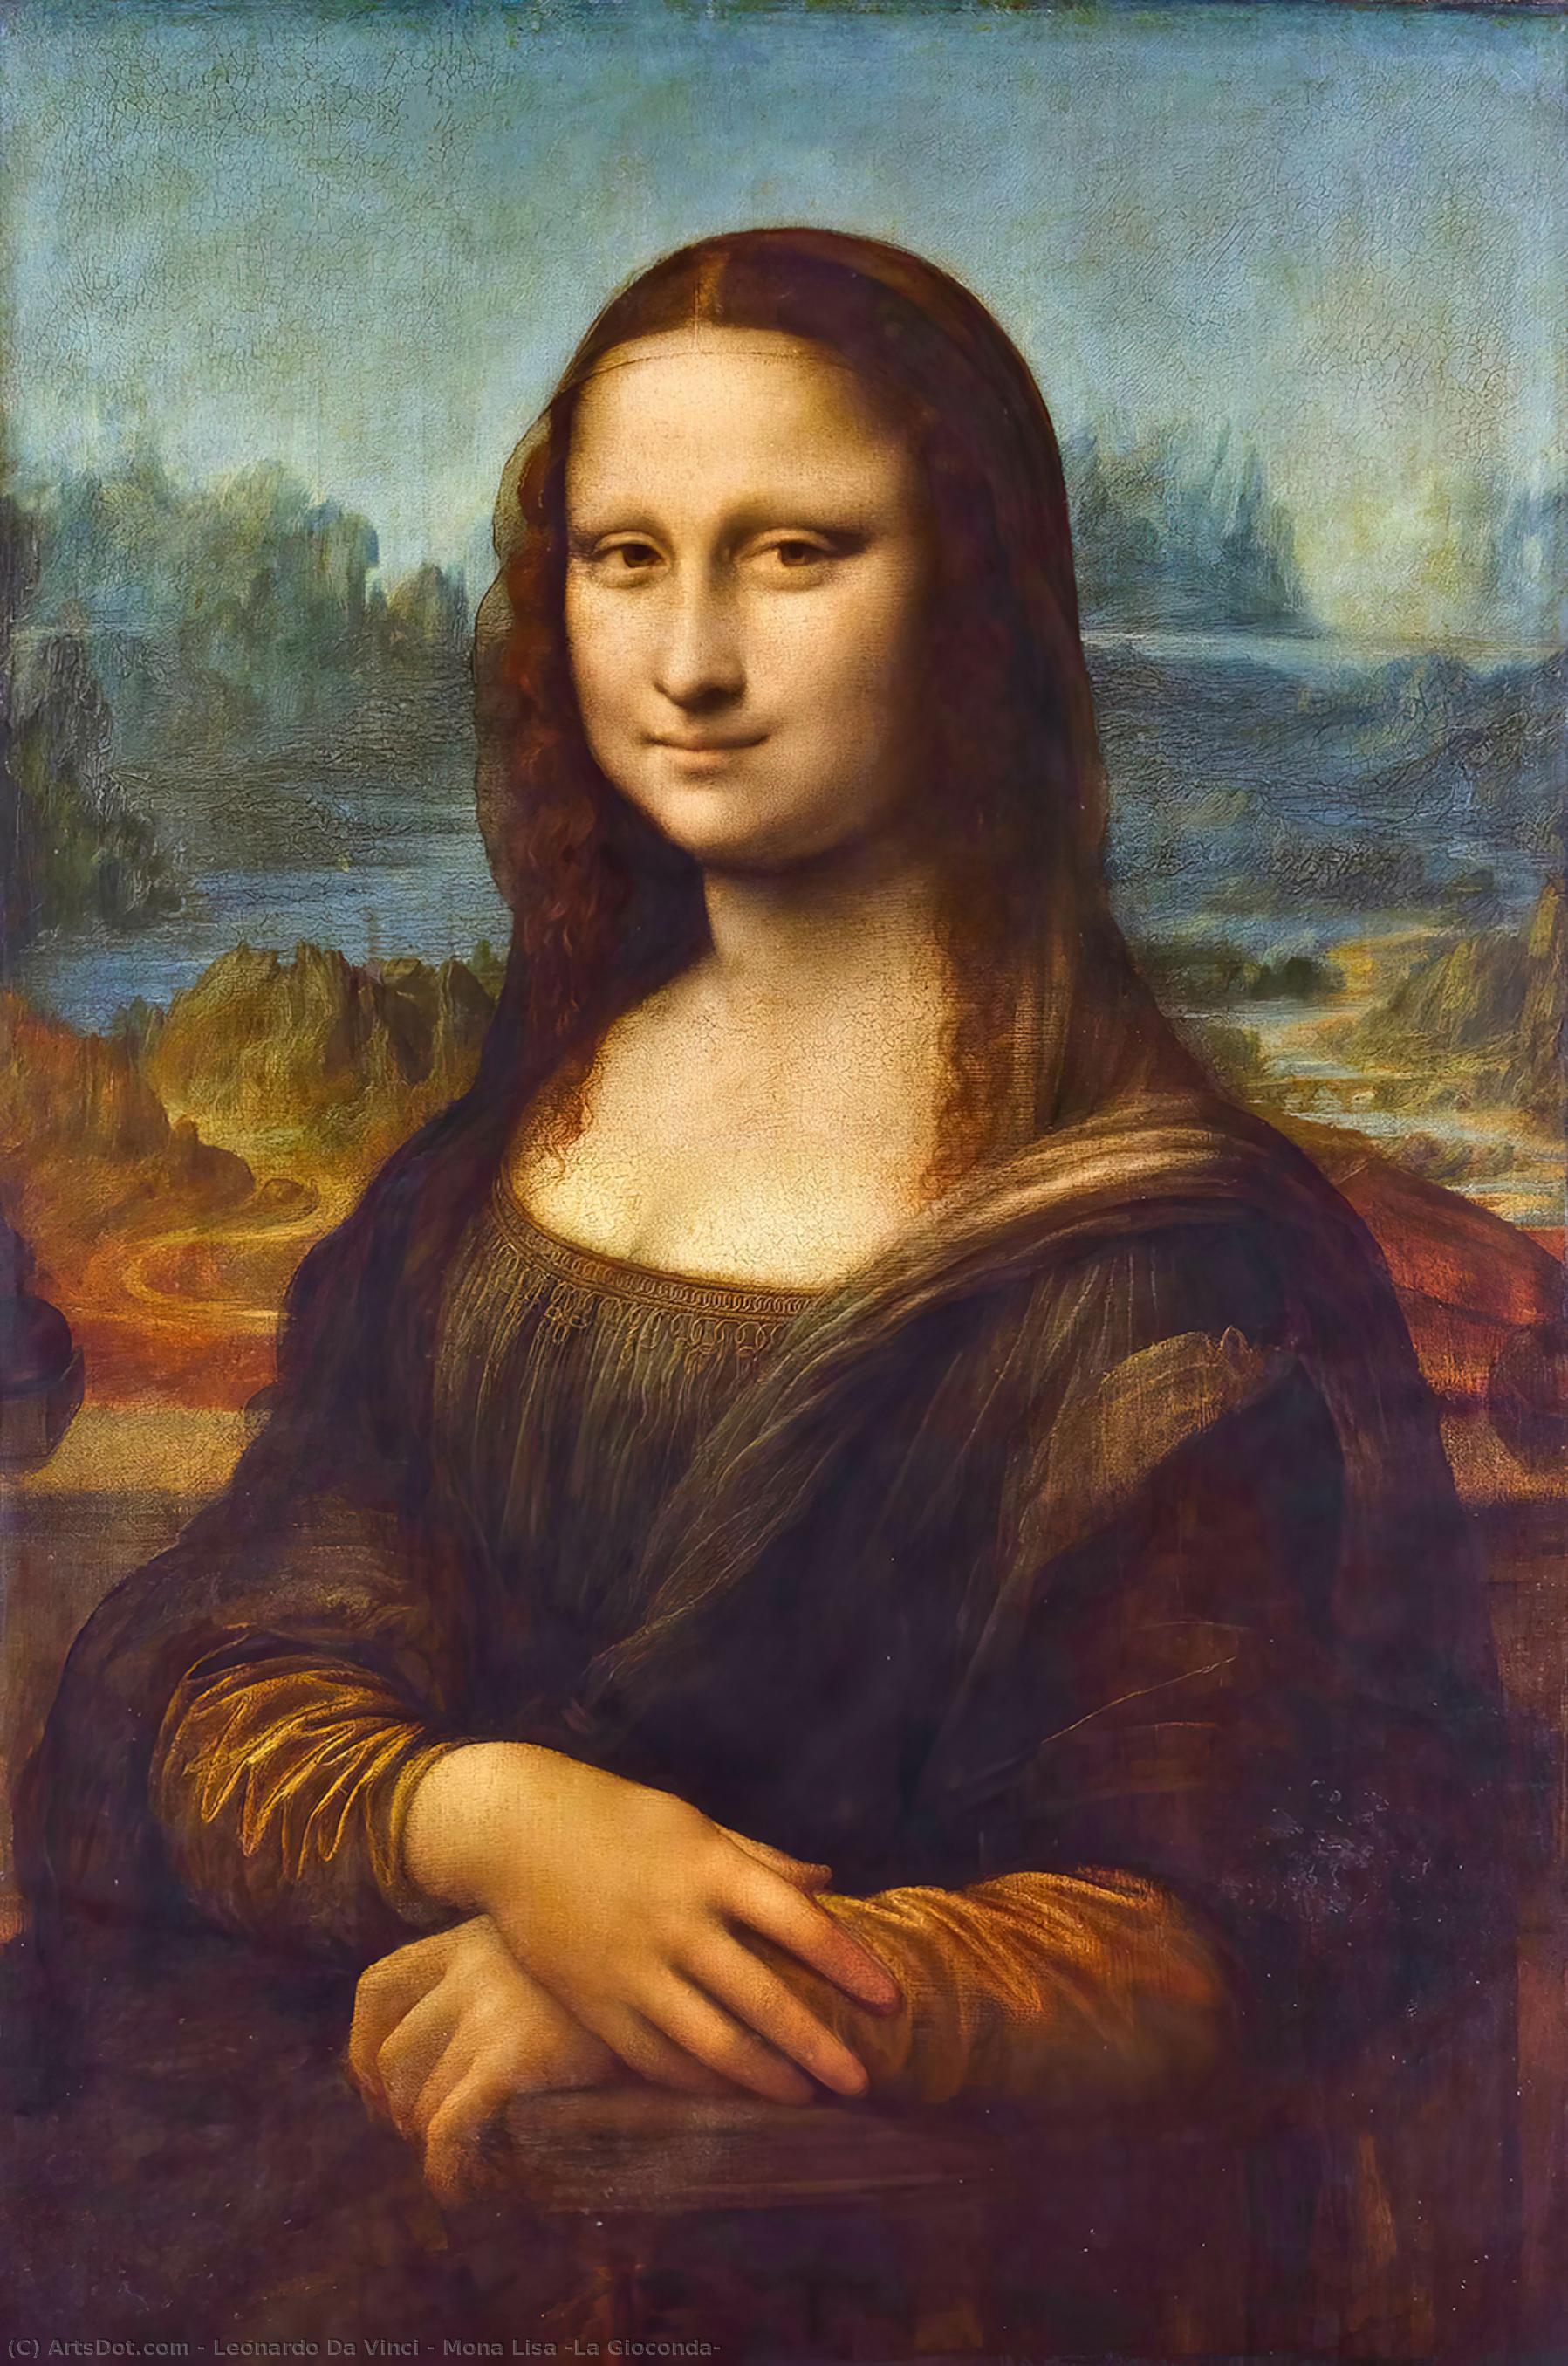 WikiOO.org - Güzel Sanatlar Ansiklopedisi - Resim, Resimler Leonardo Da Vinci - Mona Lisa (La Gioconda)